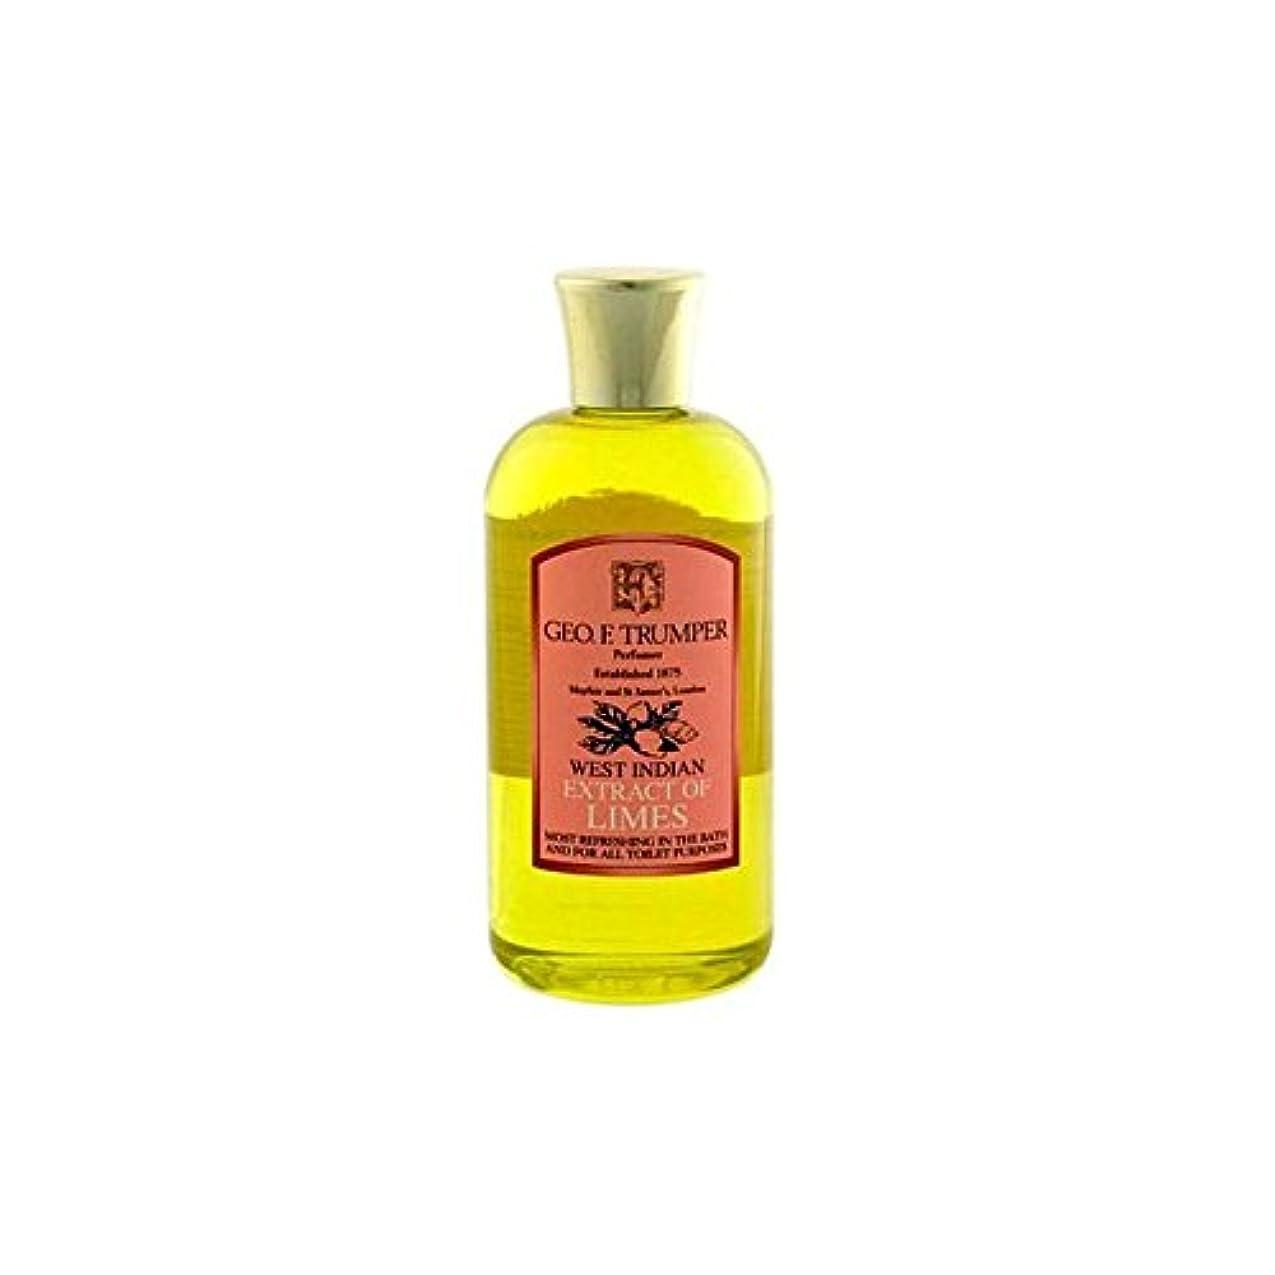 同時制限するそれライムのバスタブとシャワージェル200の抽出物を x2 - Trumpers Extracts of Limes Bath and Shower Gel 200ml (Pack of 2) [並行輸入品]